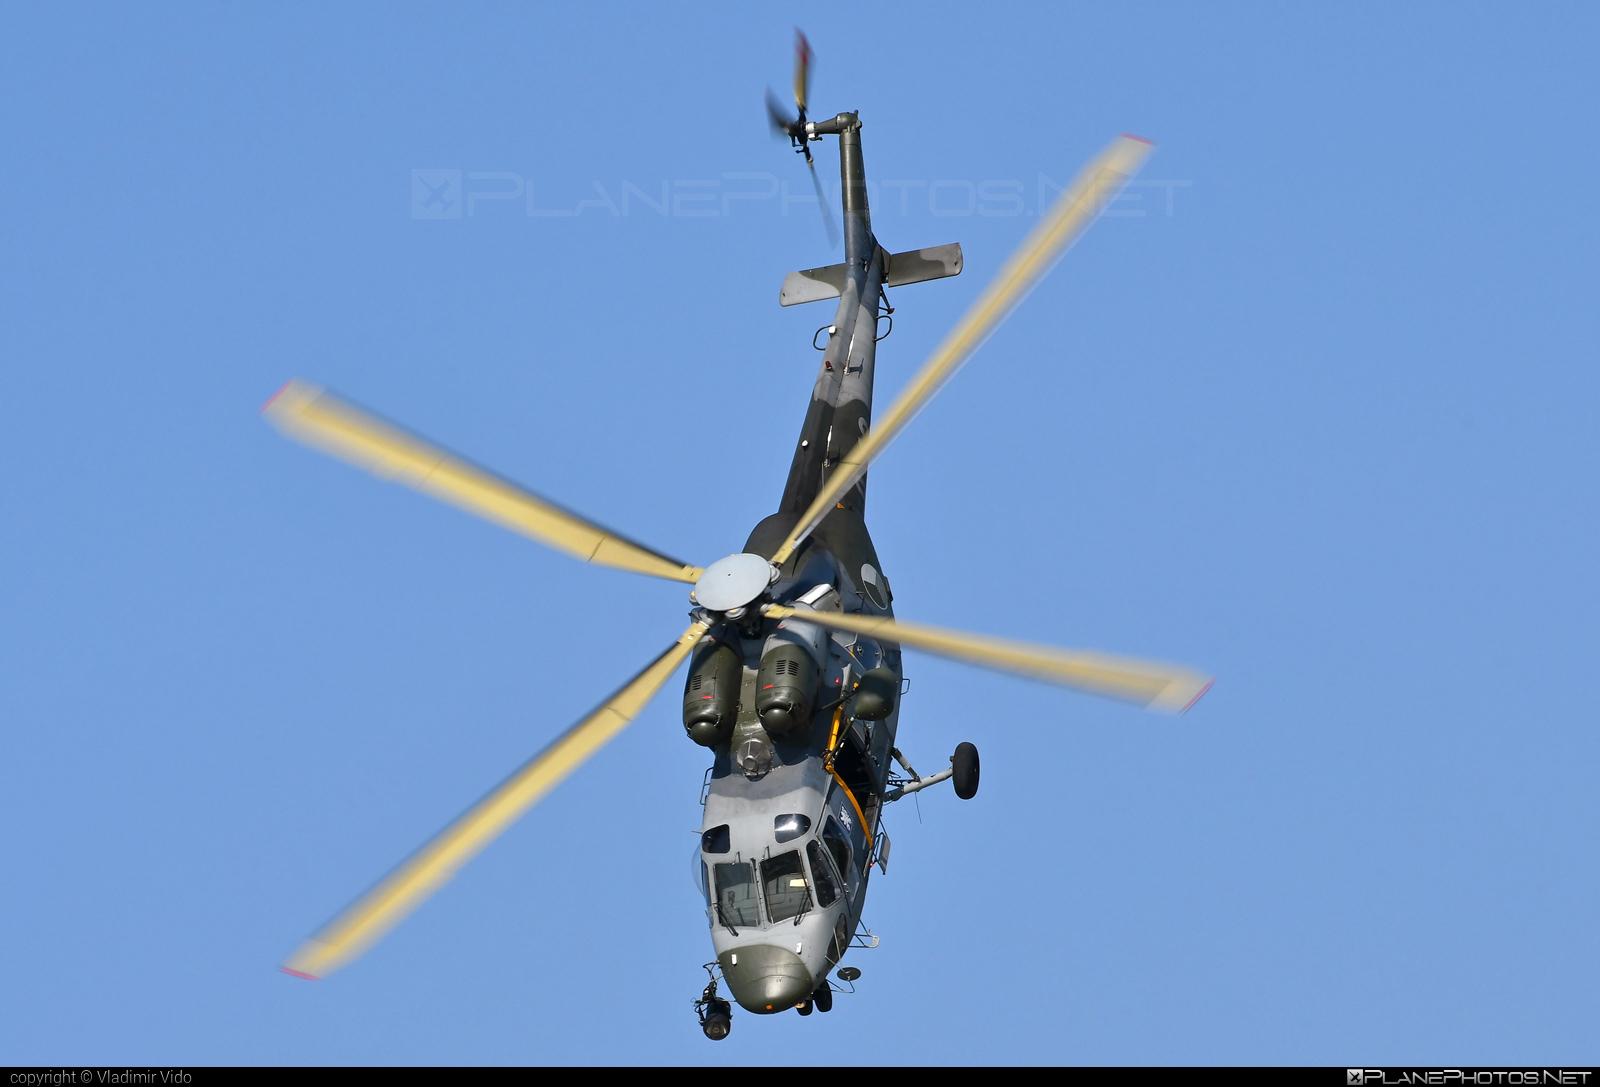 PZL-Świdnik W-3A Sokol - 0712 operated by Vzdušné síly AČR (Czech Air Force) #czechairforce #pzl #pzlswidnik #vzdusnesilyacr